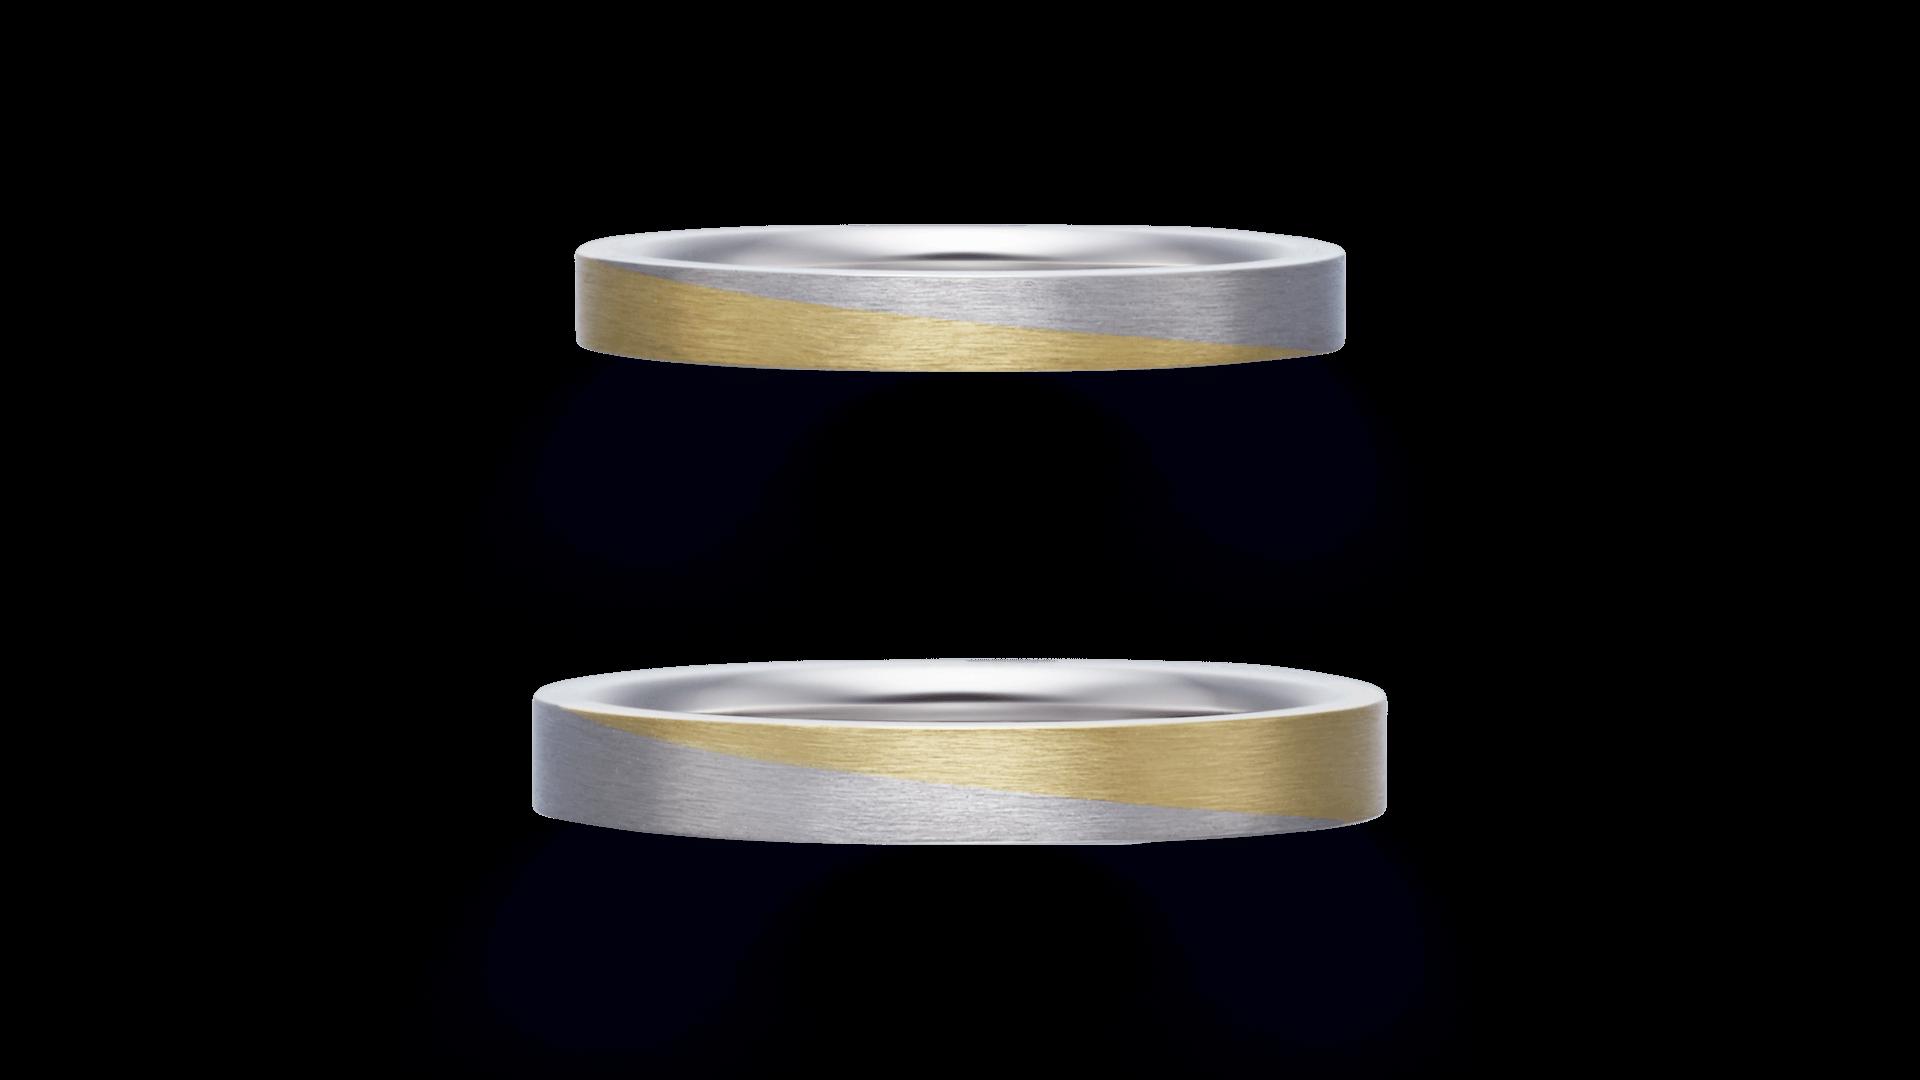 shigure 時雨 | 結婚指輪サムネイル 1